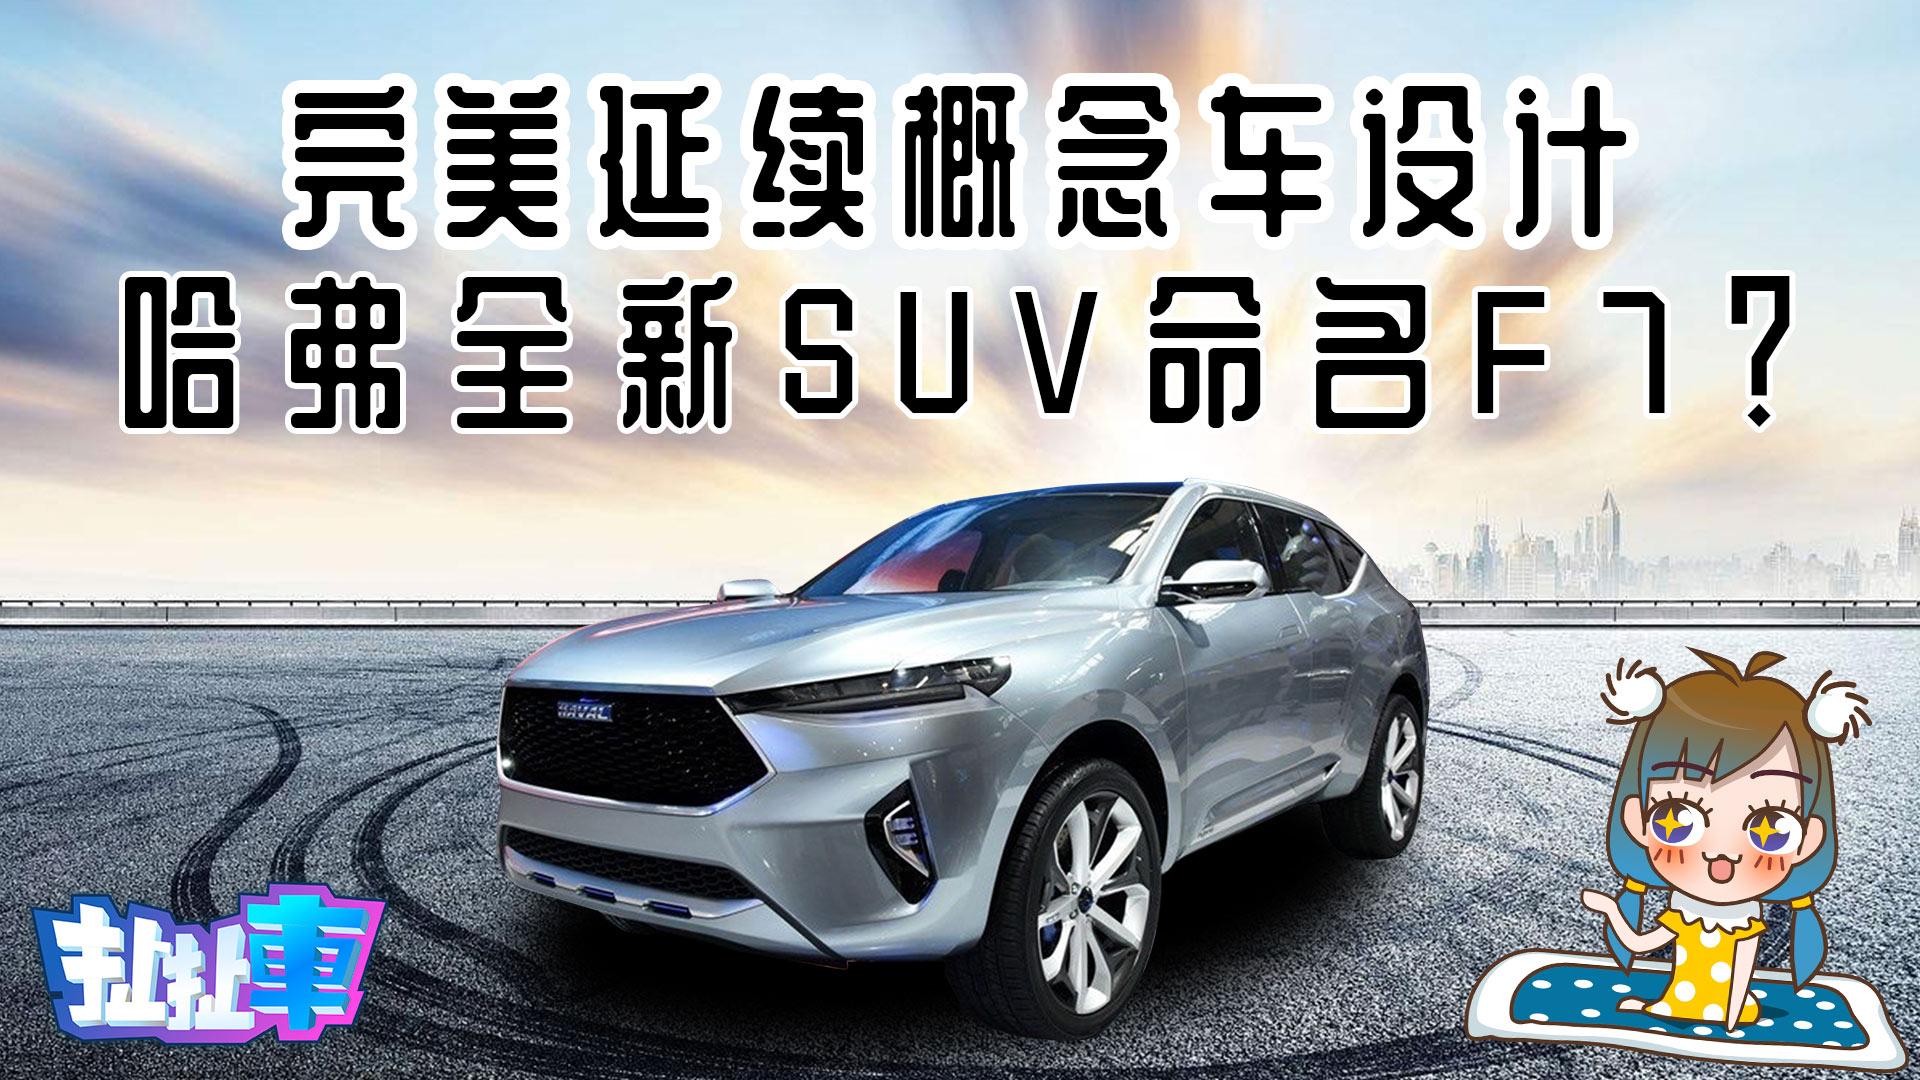 【扯扯车】哈弗新车F7直接照搬概念车外观 内饰设计让VV7流泪